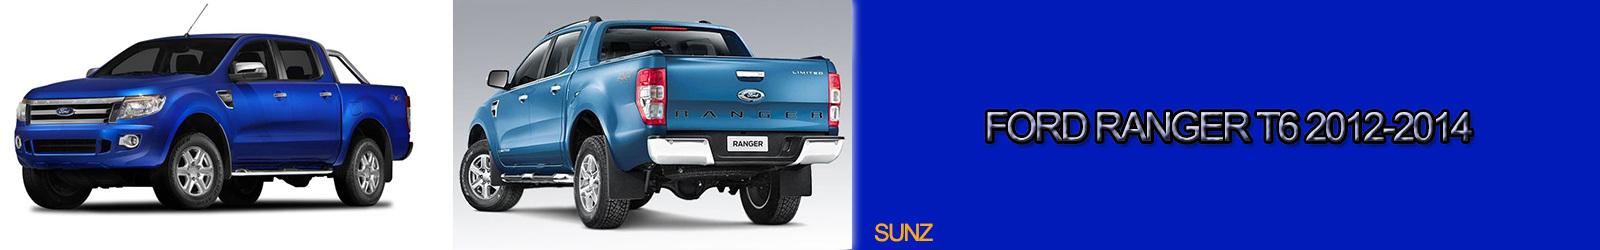 Ford Ranger T6 2012-2014